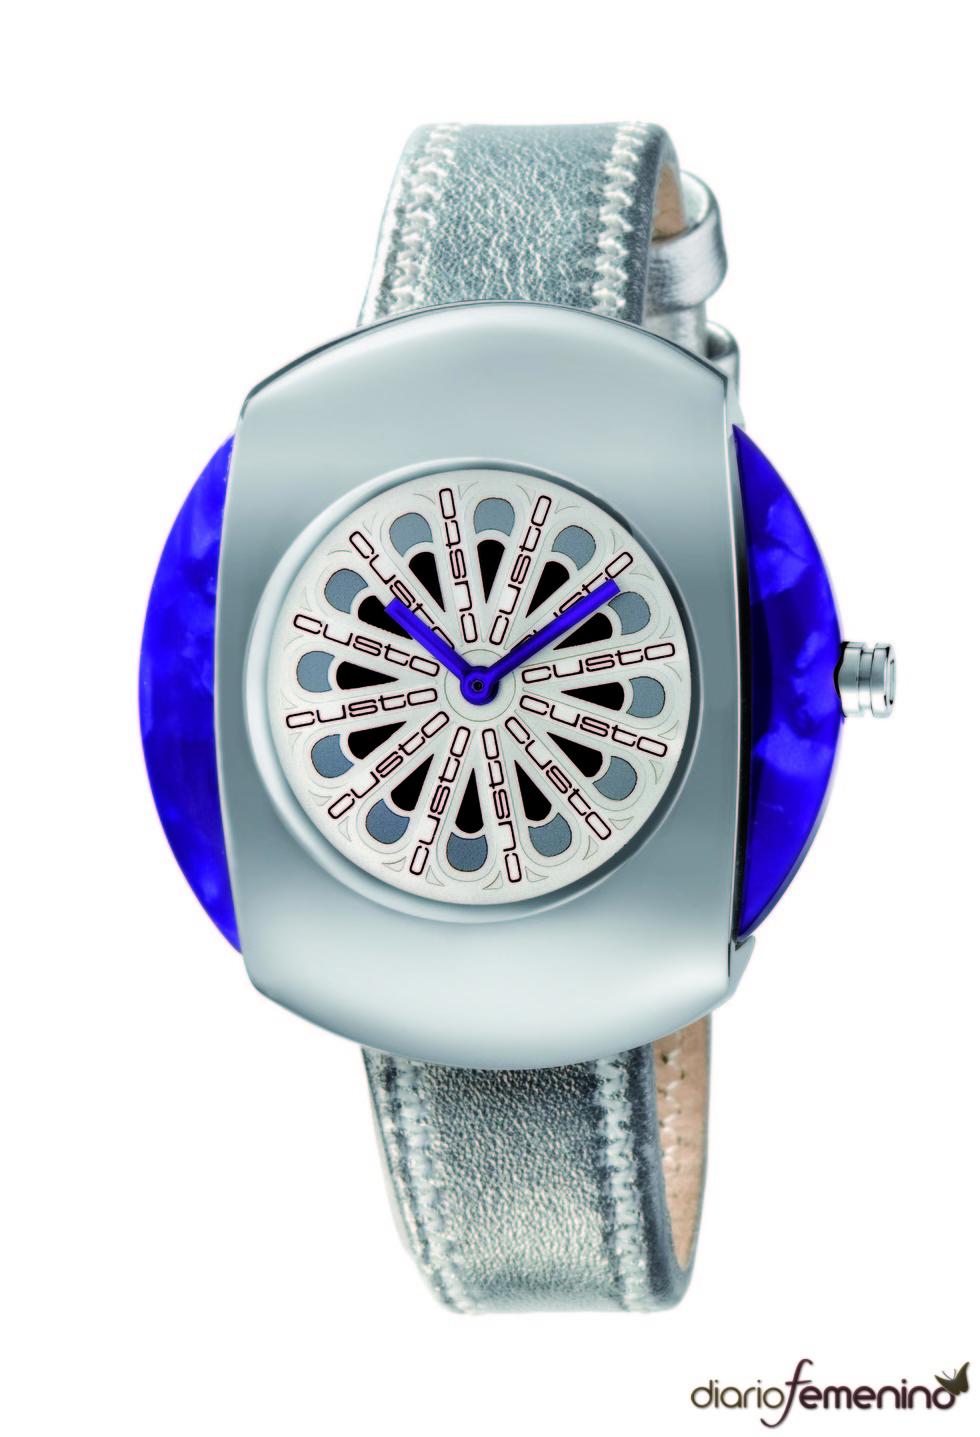 Reloj fashion de Custo on Time!